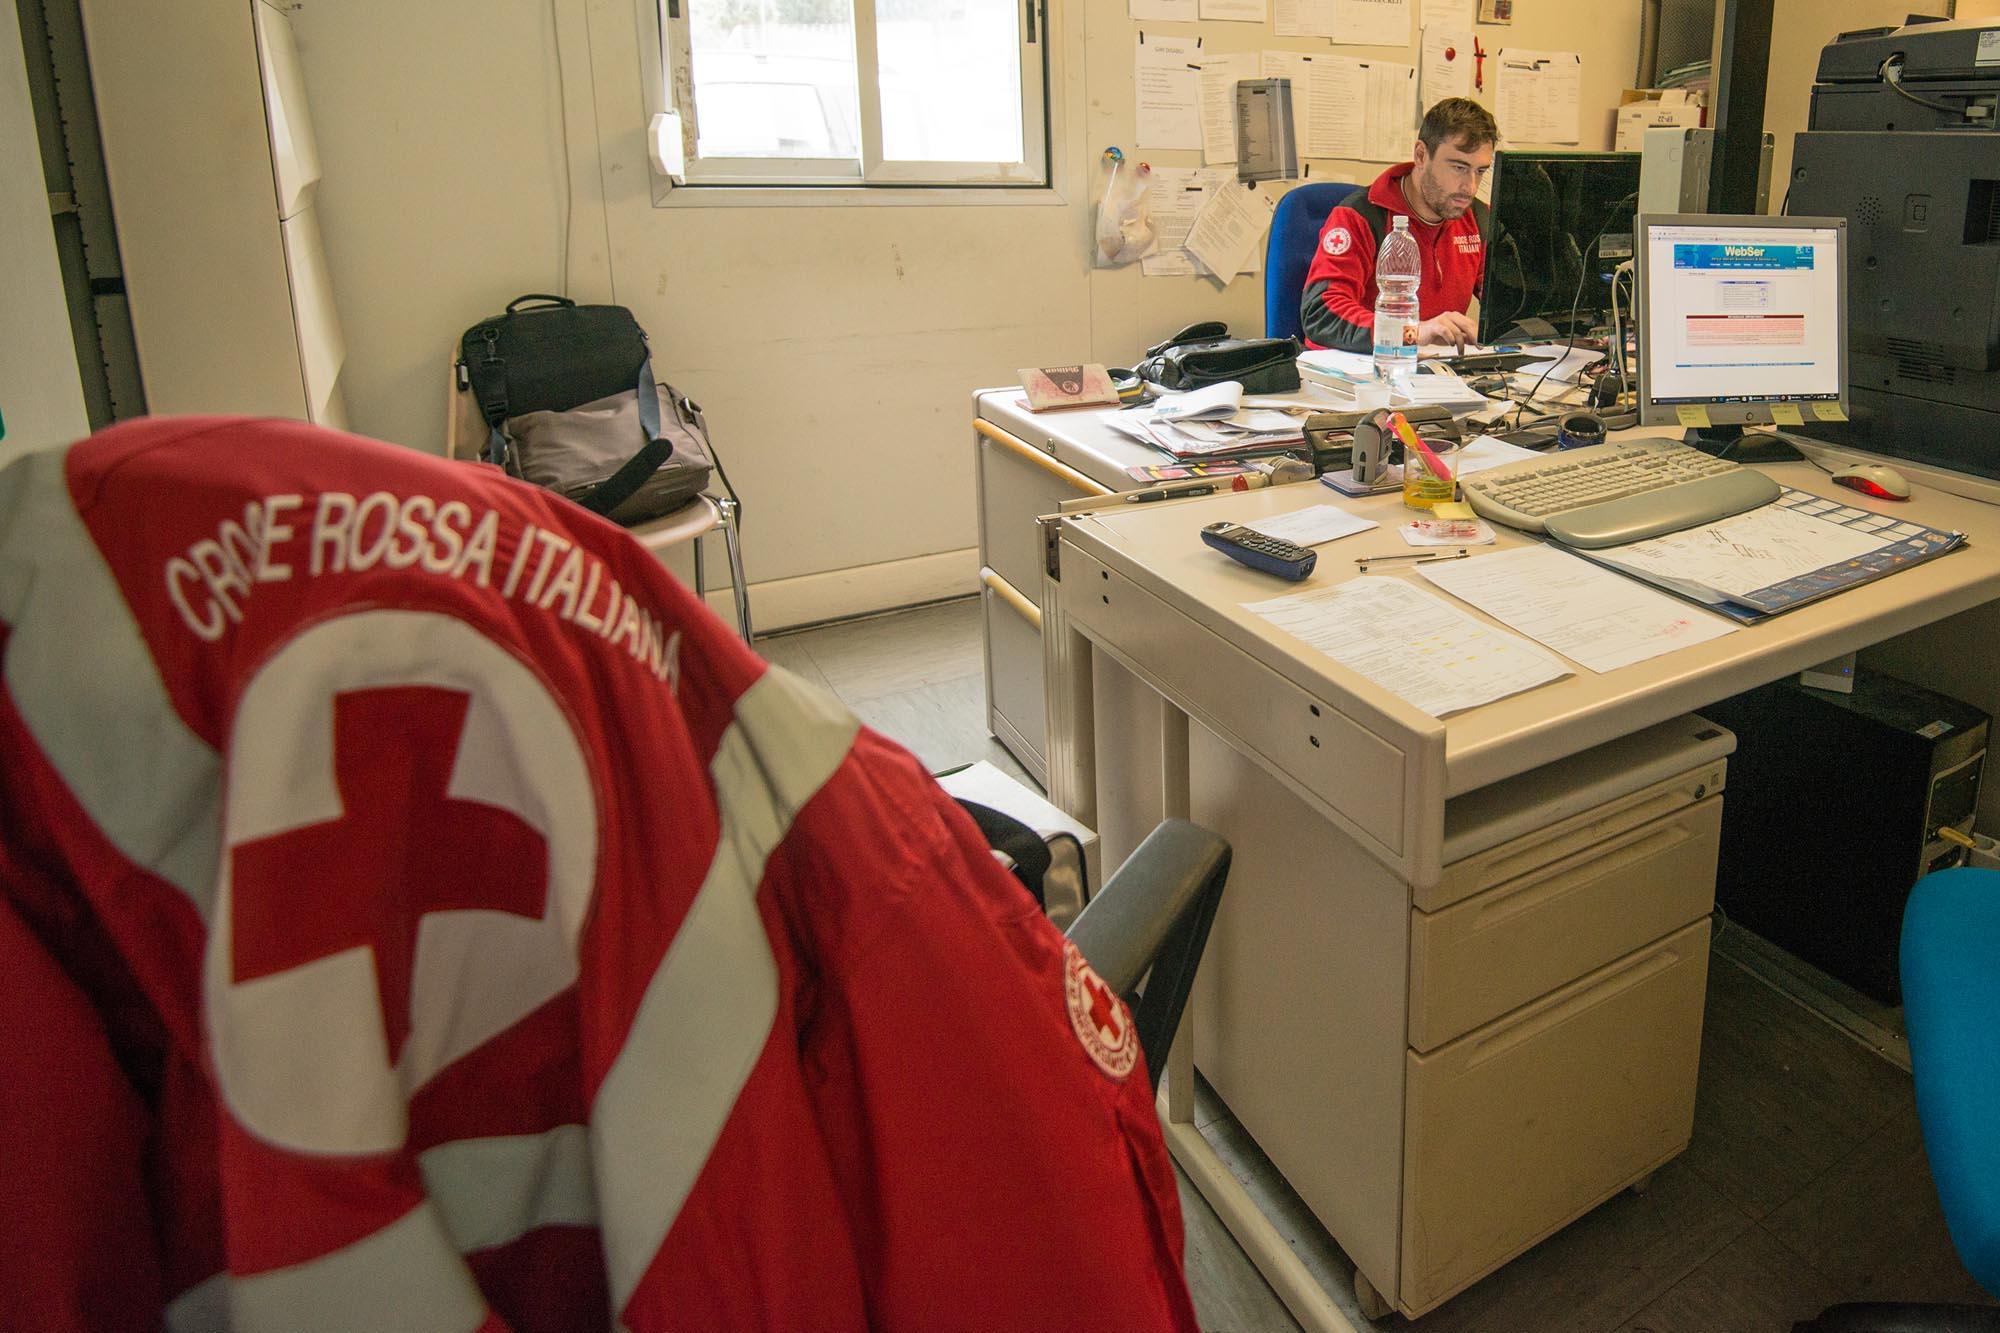 0044 croce rossa e protezione civile livorno 3 - Croce rossa e Protezione civile Livorno